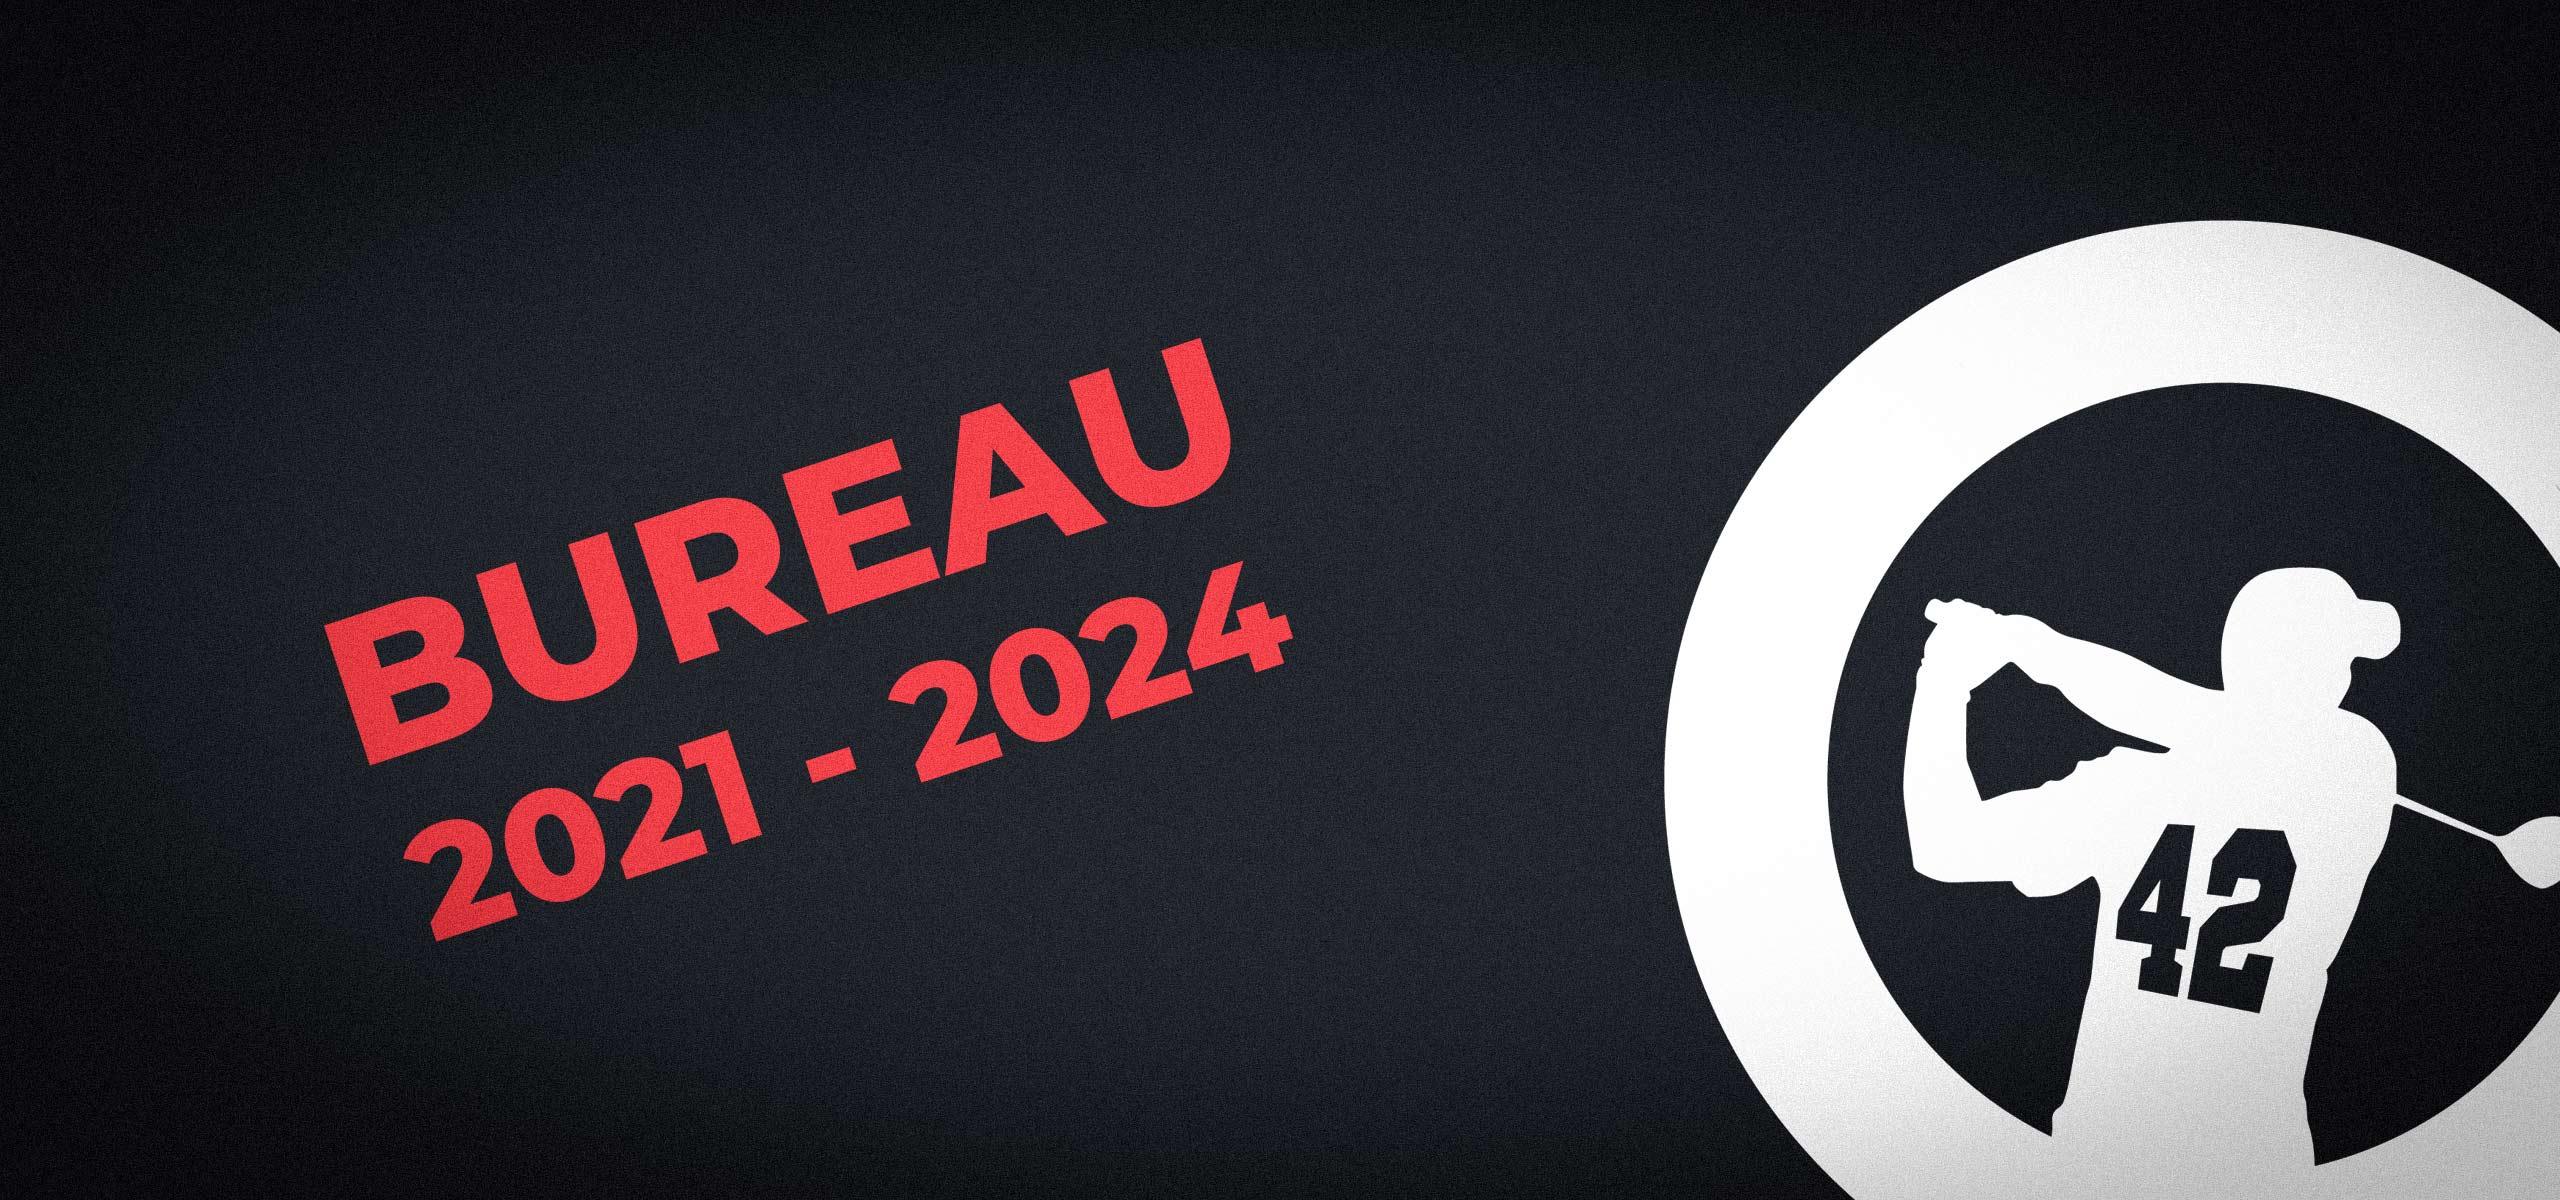 Bureau 2021 2024